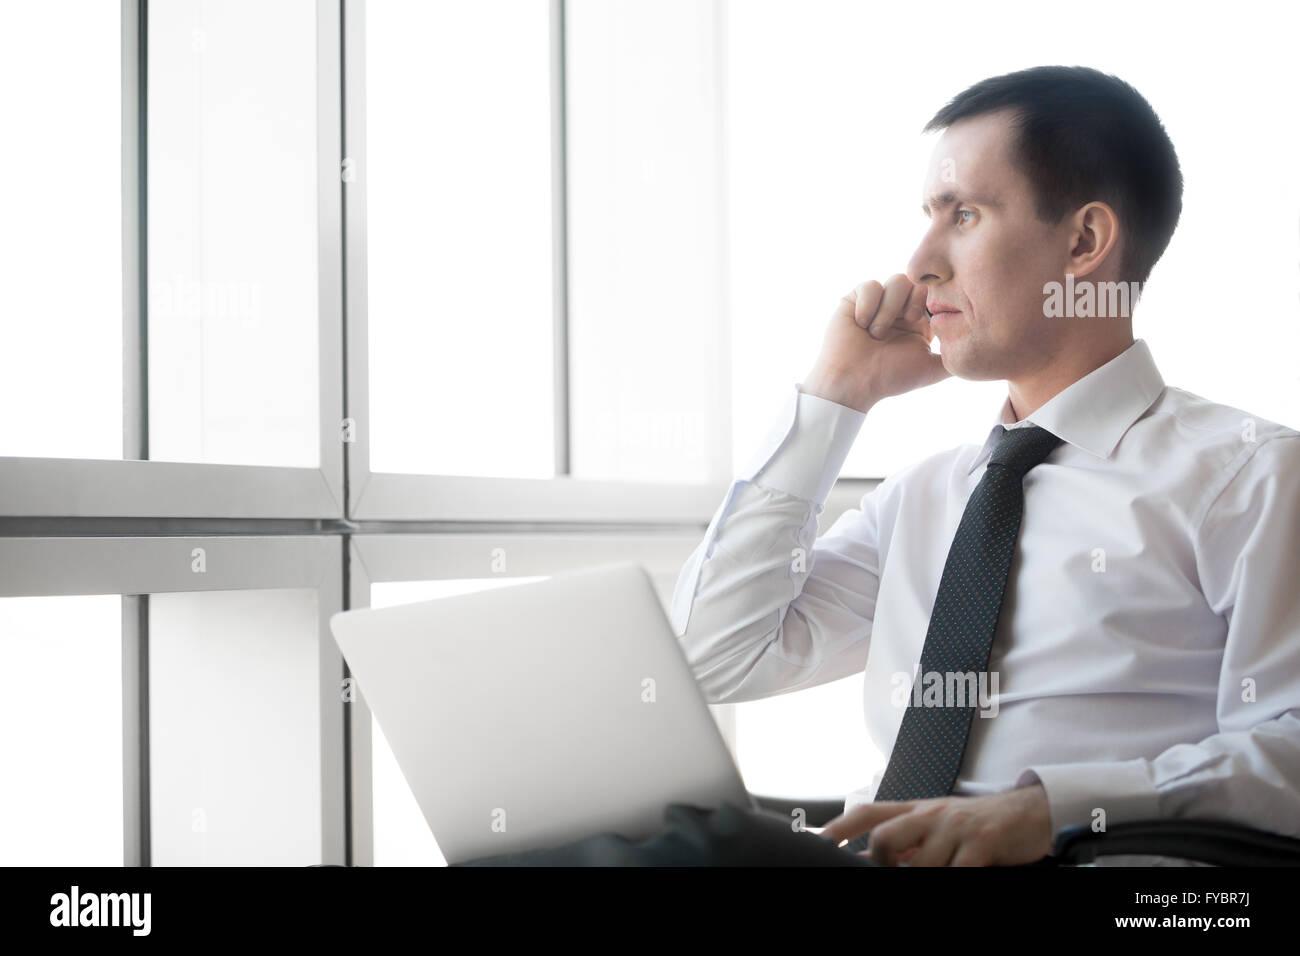 Ritratto di grave bel giovane uomo d affari lavorando sul computer portatile ed effettuare una chiamata. Imprenditore Immagini Stock